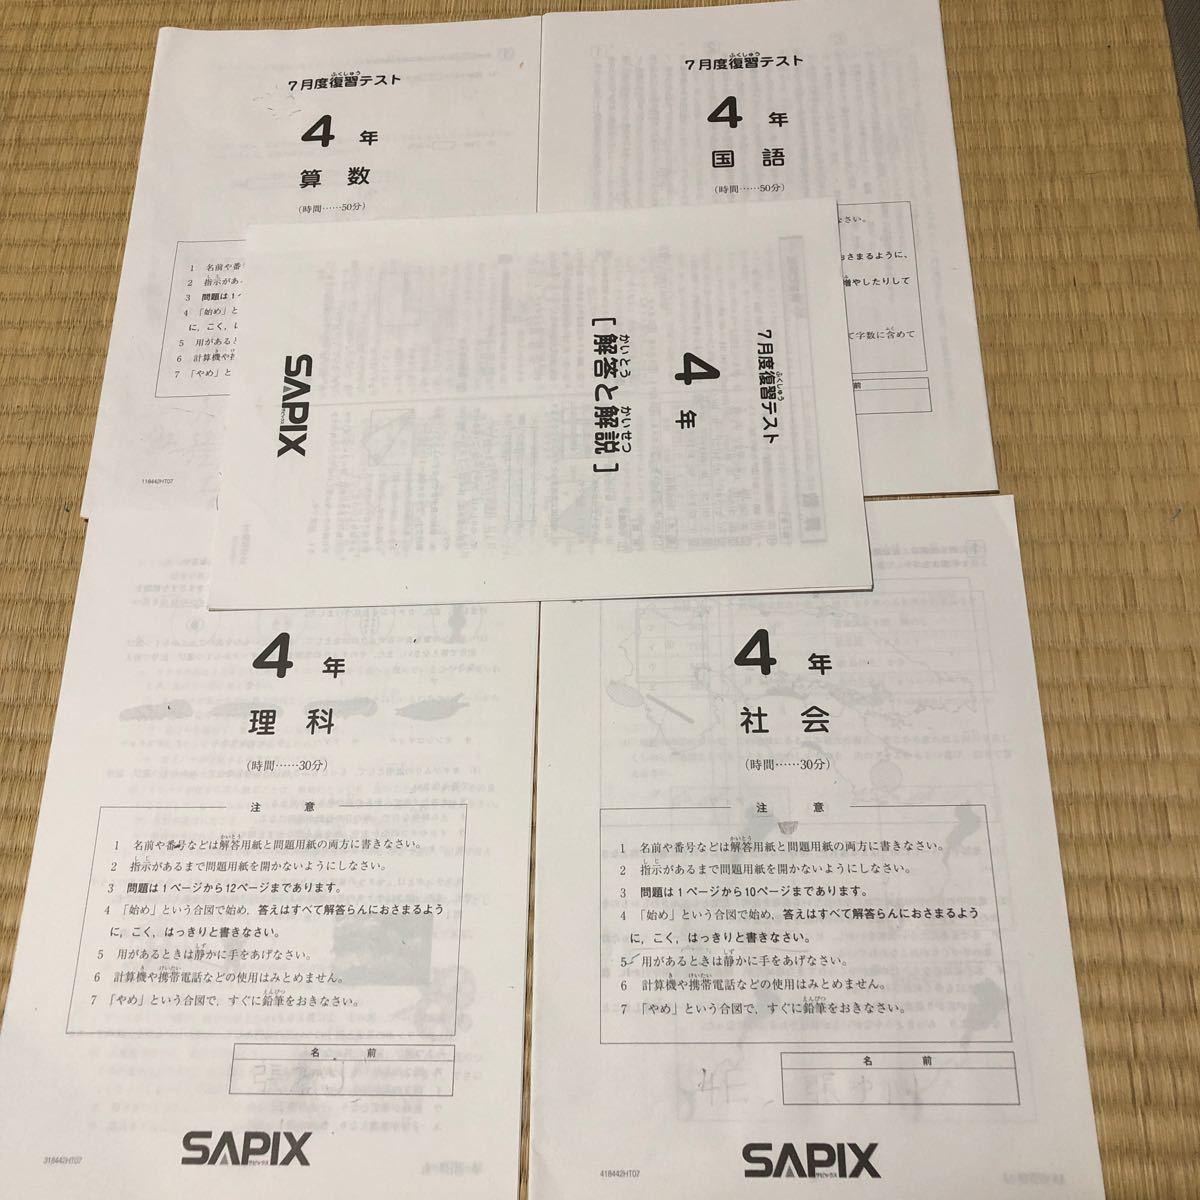 SAPIX 原本2018年度 4年生 7月復習テスト